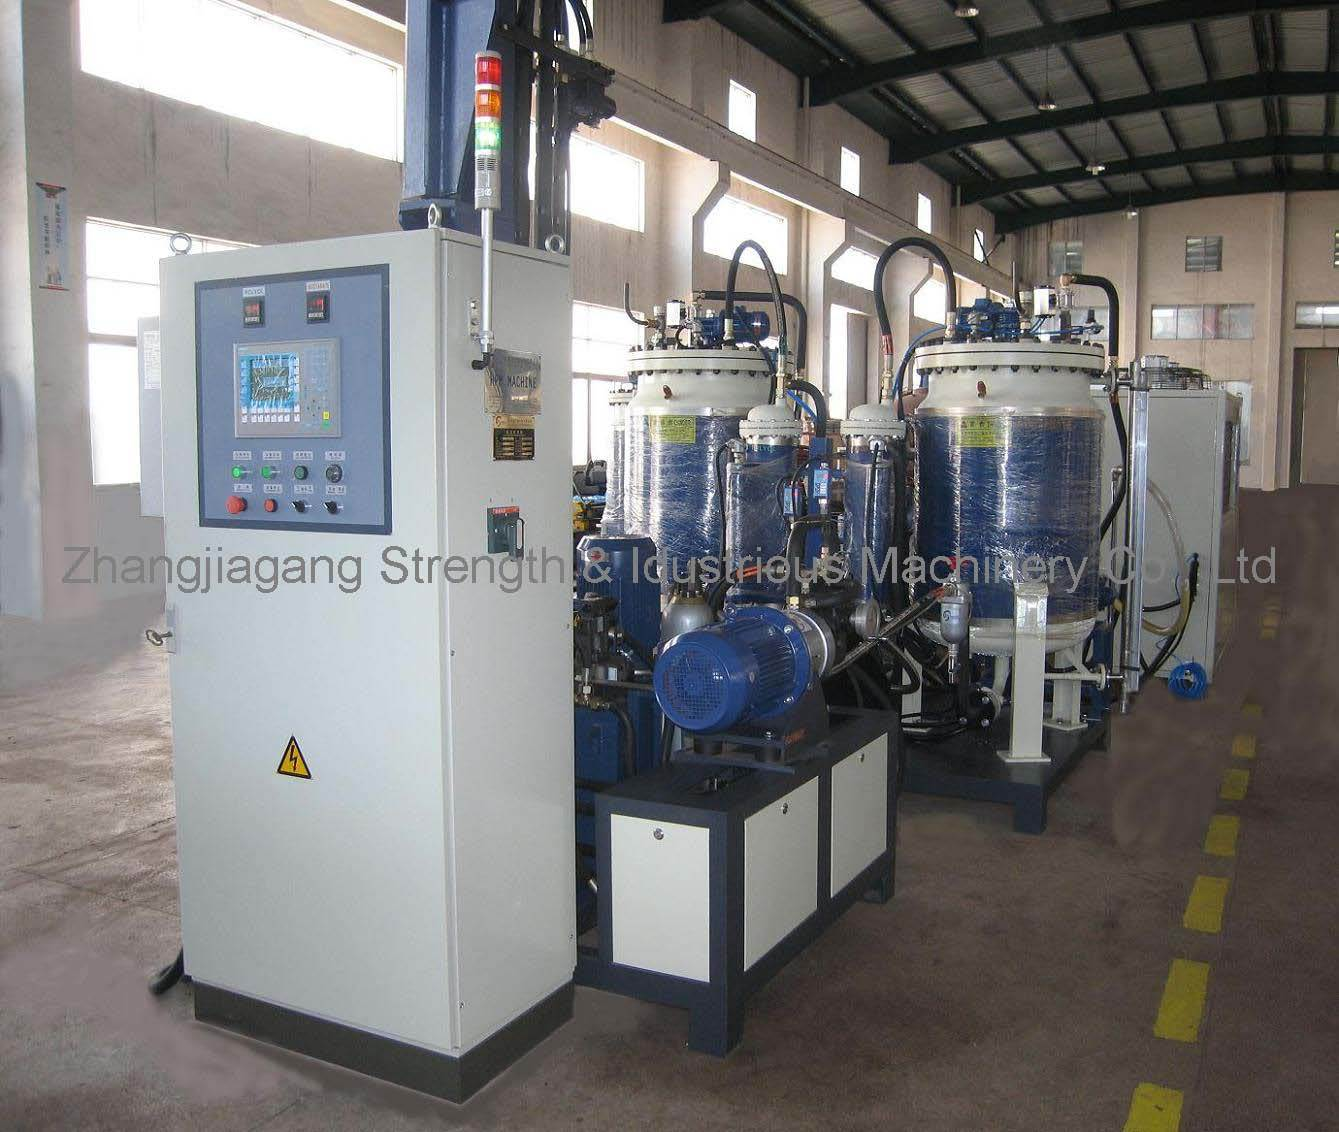 High Pressure Foaming Machine (HPM180, HPM100)